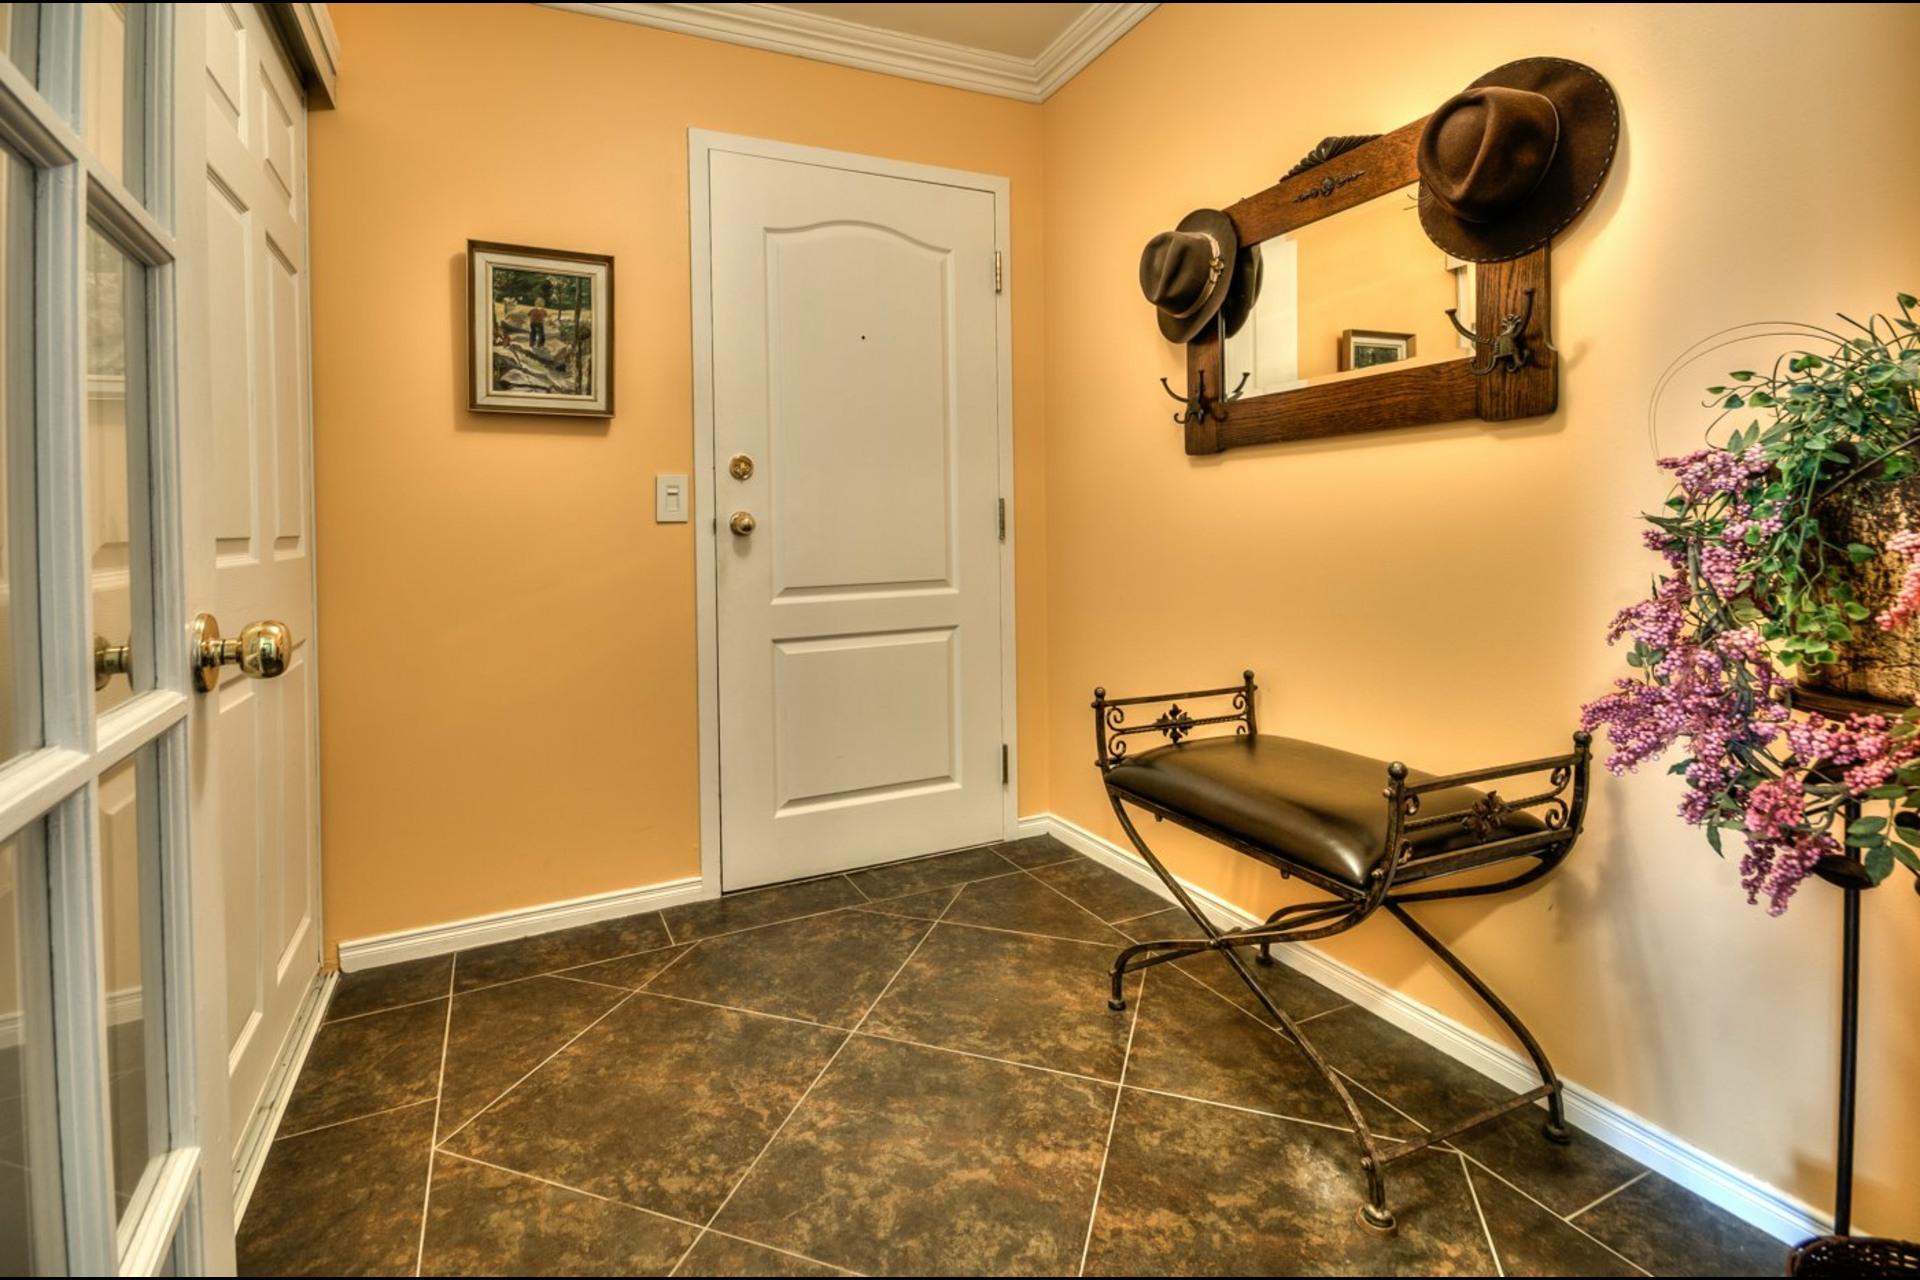 image 4 - Appartement À vendre Brossard - 5 pièces